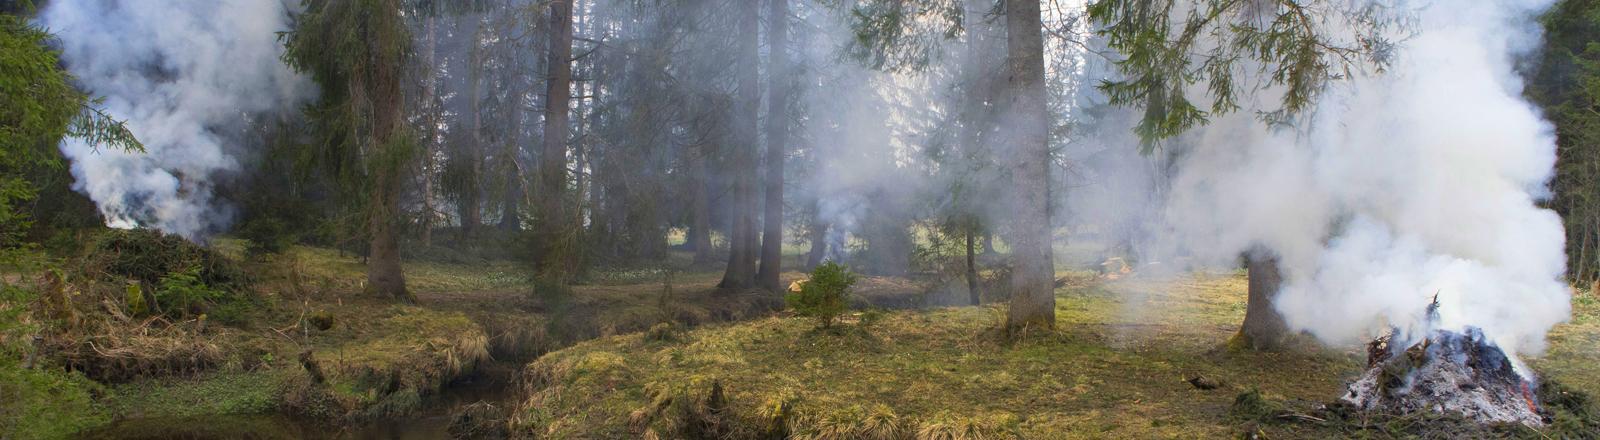 Rauchschwaden im Wald.